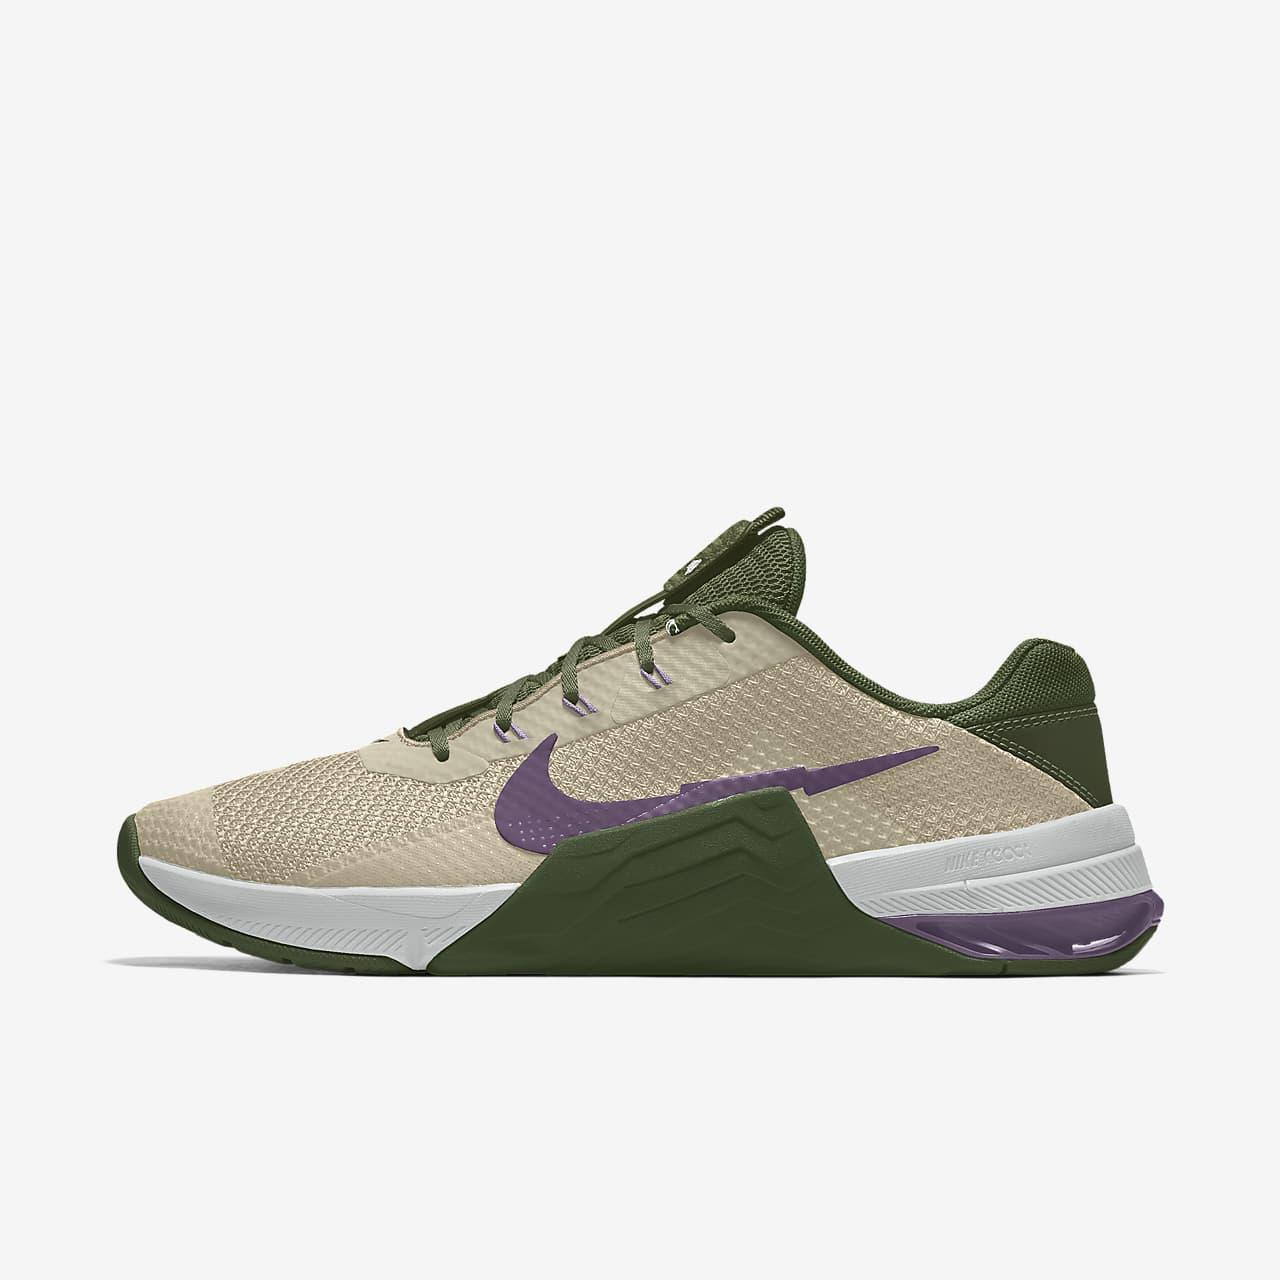 Calzado de entrenamiento para mujer personalizado Nike Metcon 7 By You Custom